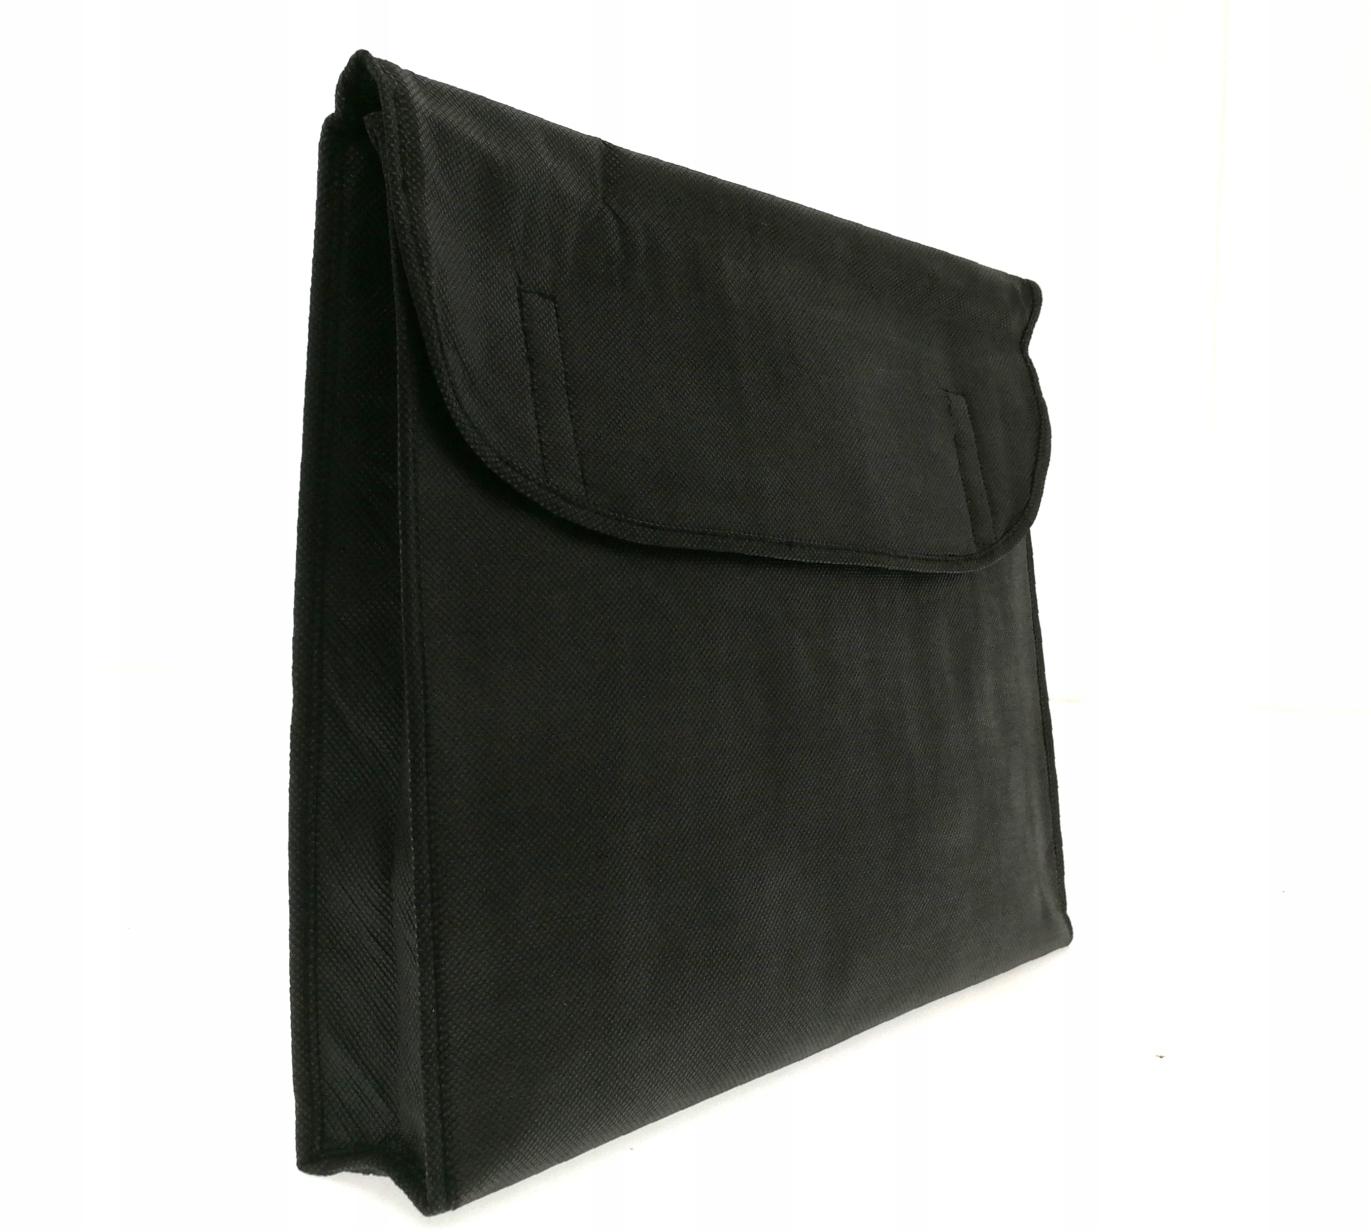 ETUI TECZKA torba pokrowiec na dok laptop CL 10szt